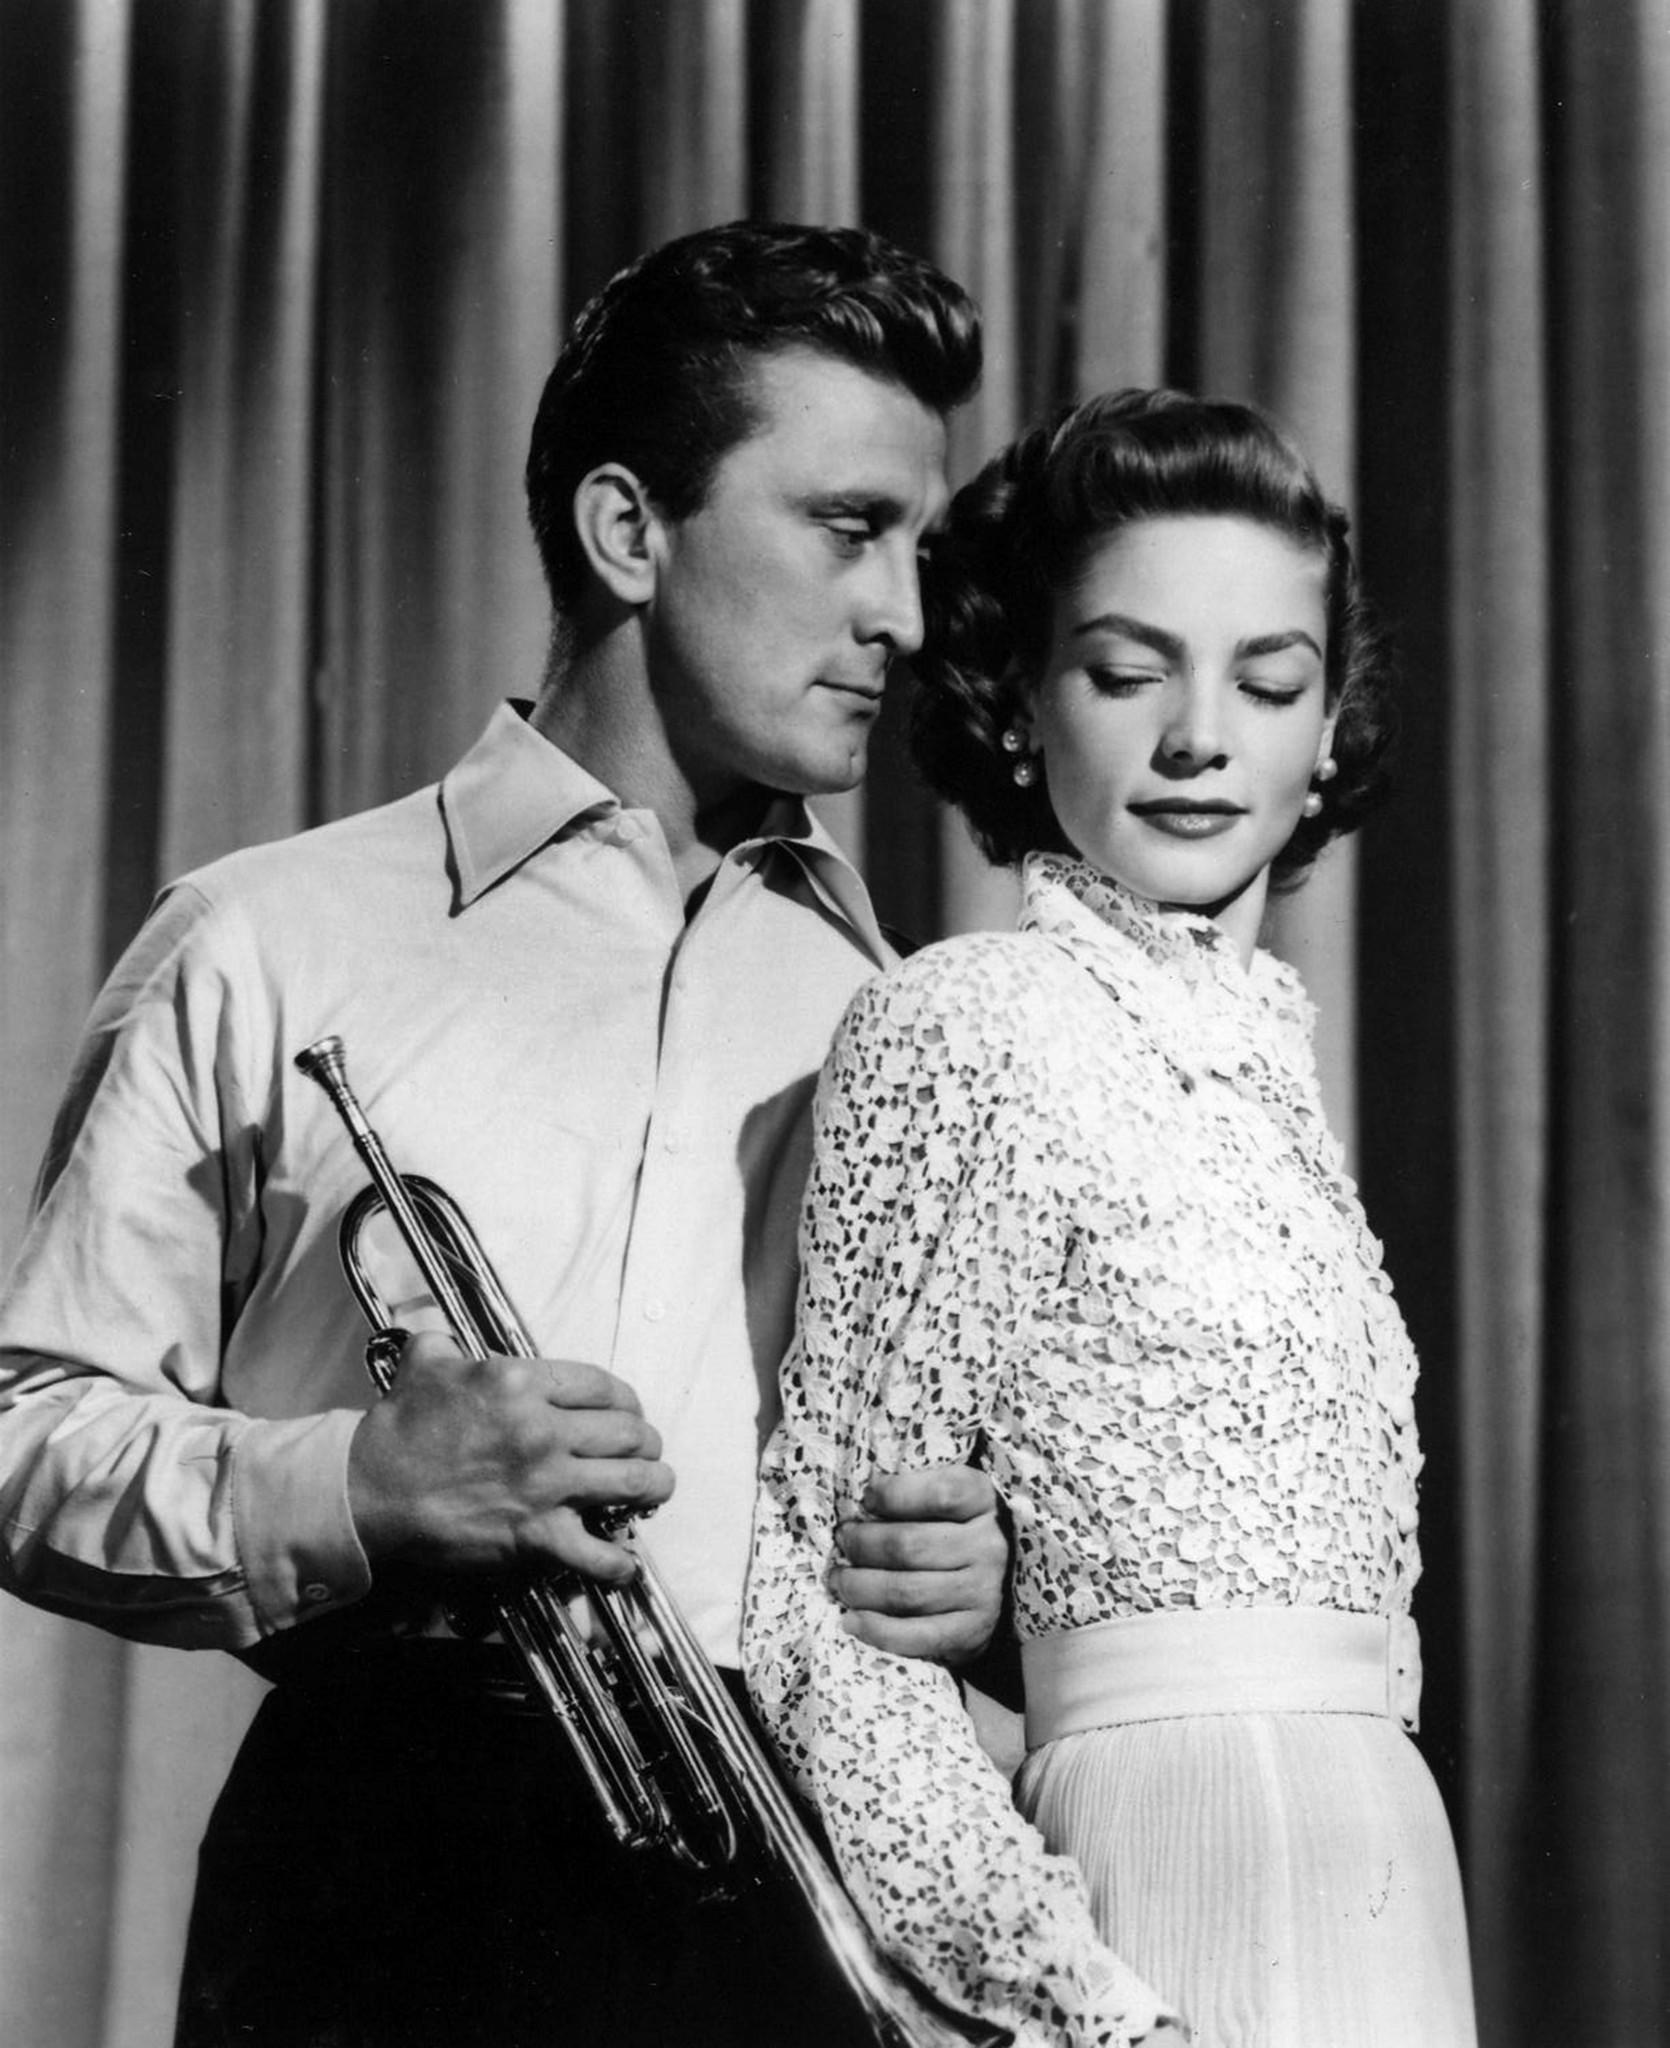 Kirk Douglas and Lauren Bacall in